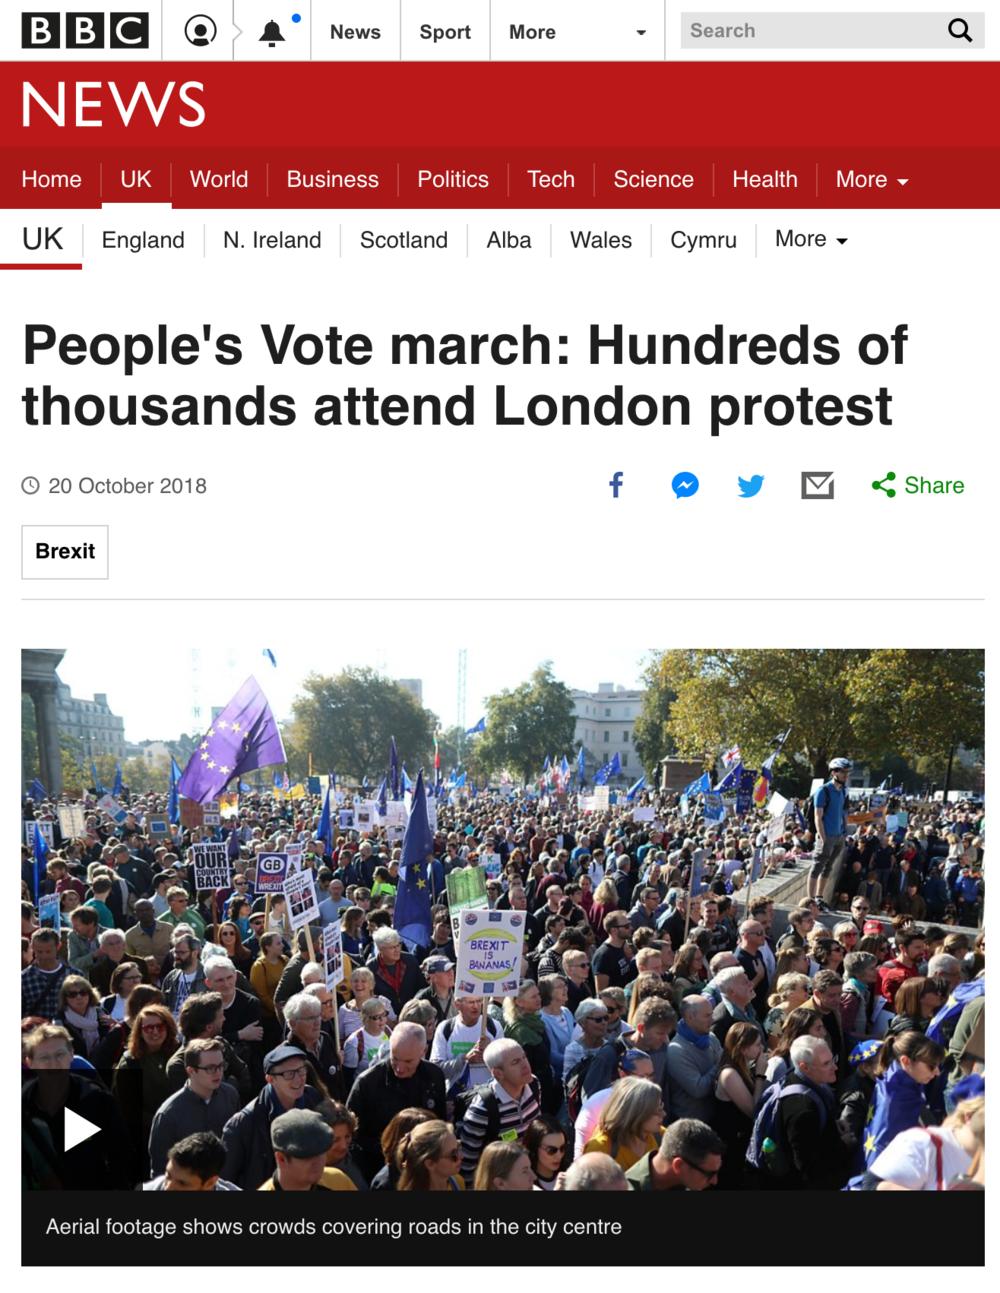 Screenshot 2018-10-25 at 11.04.03.png